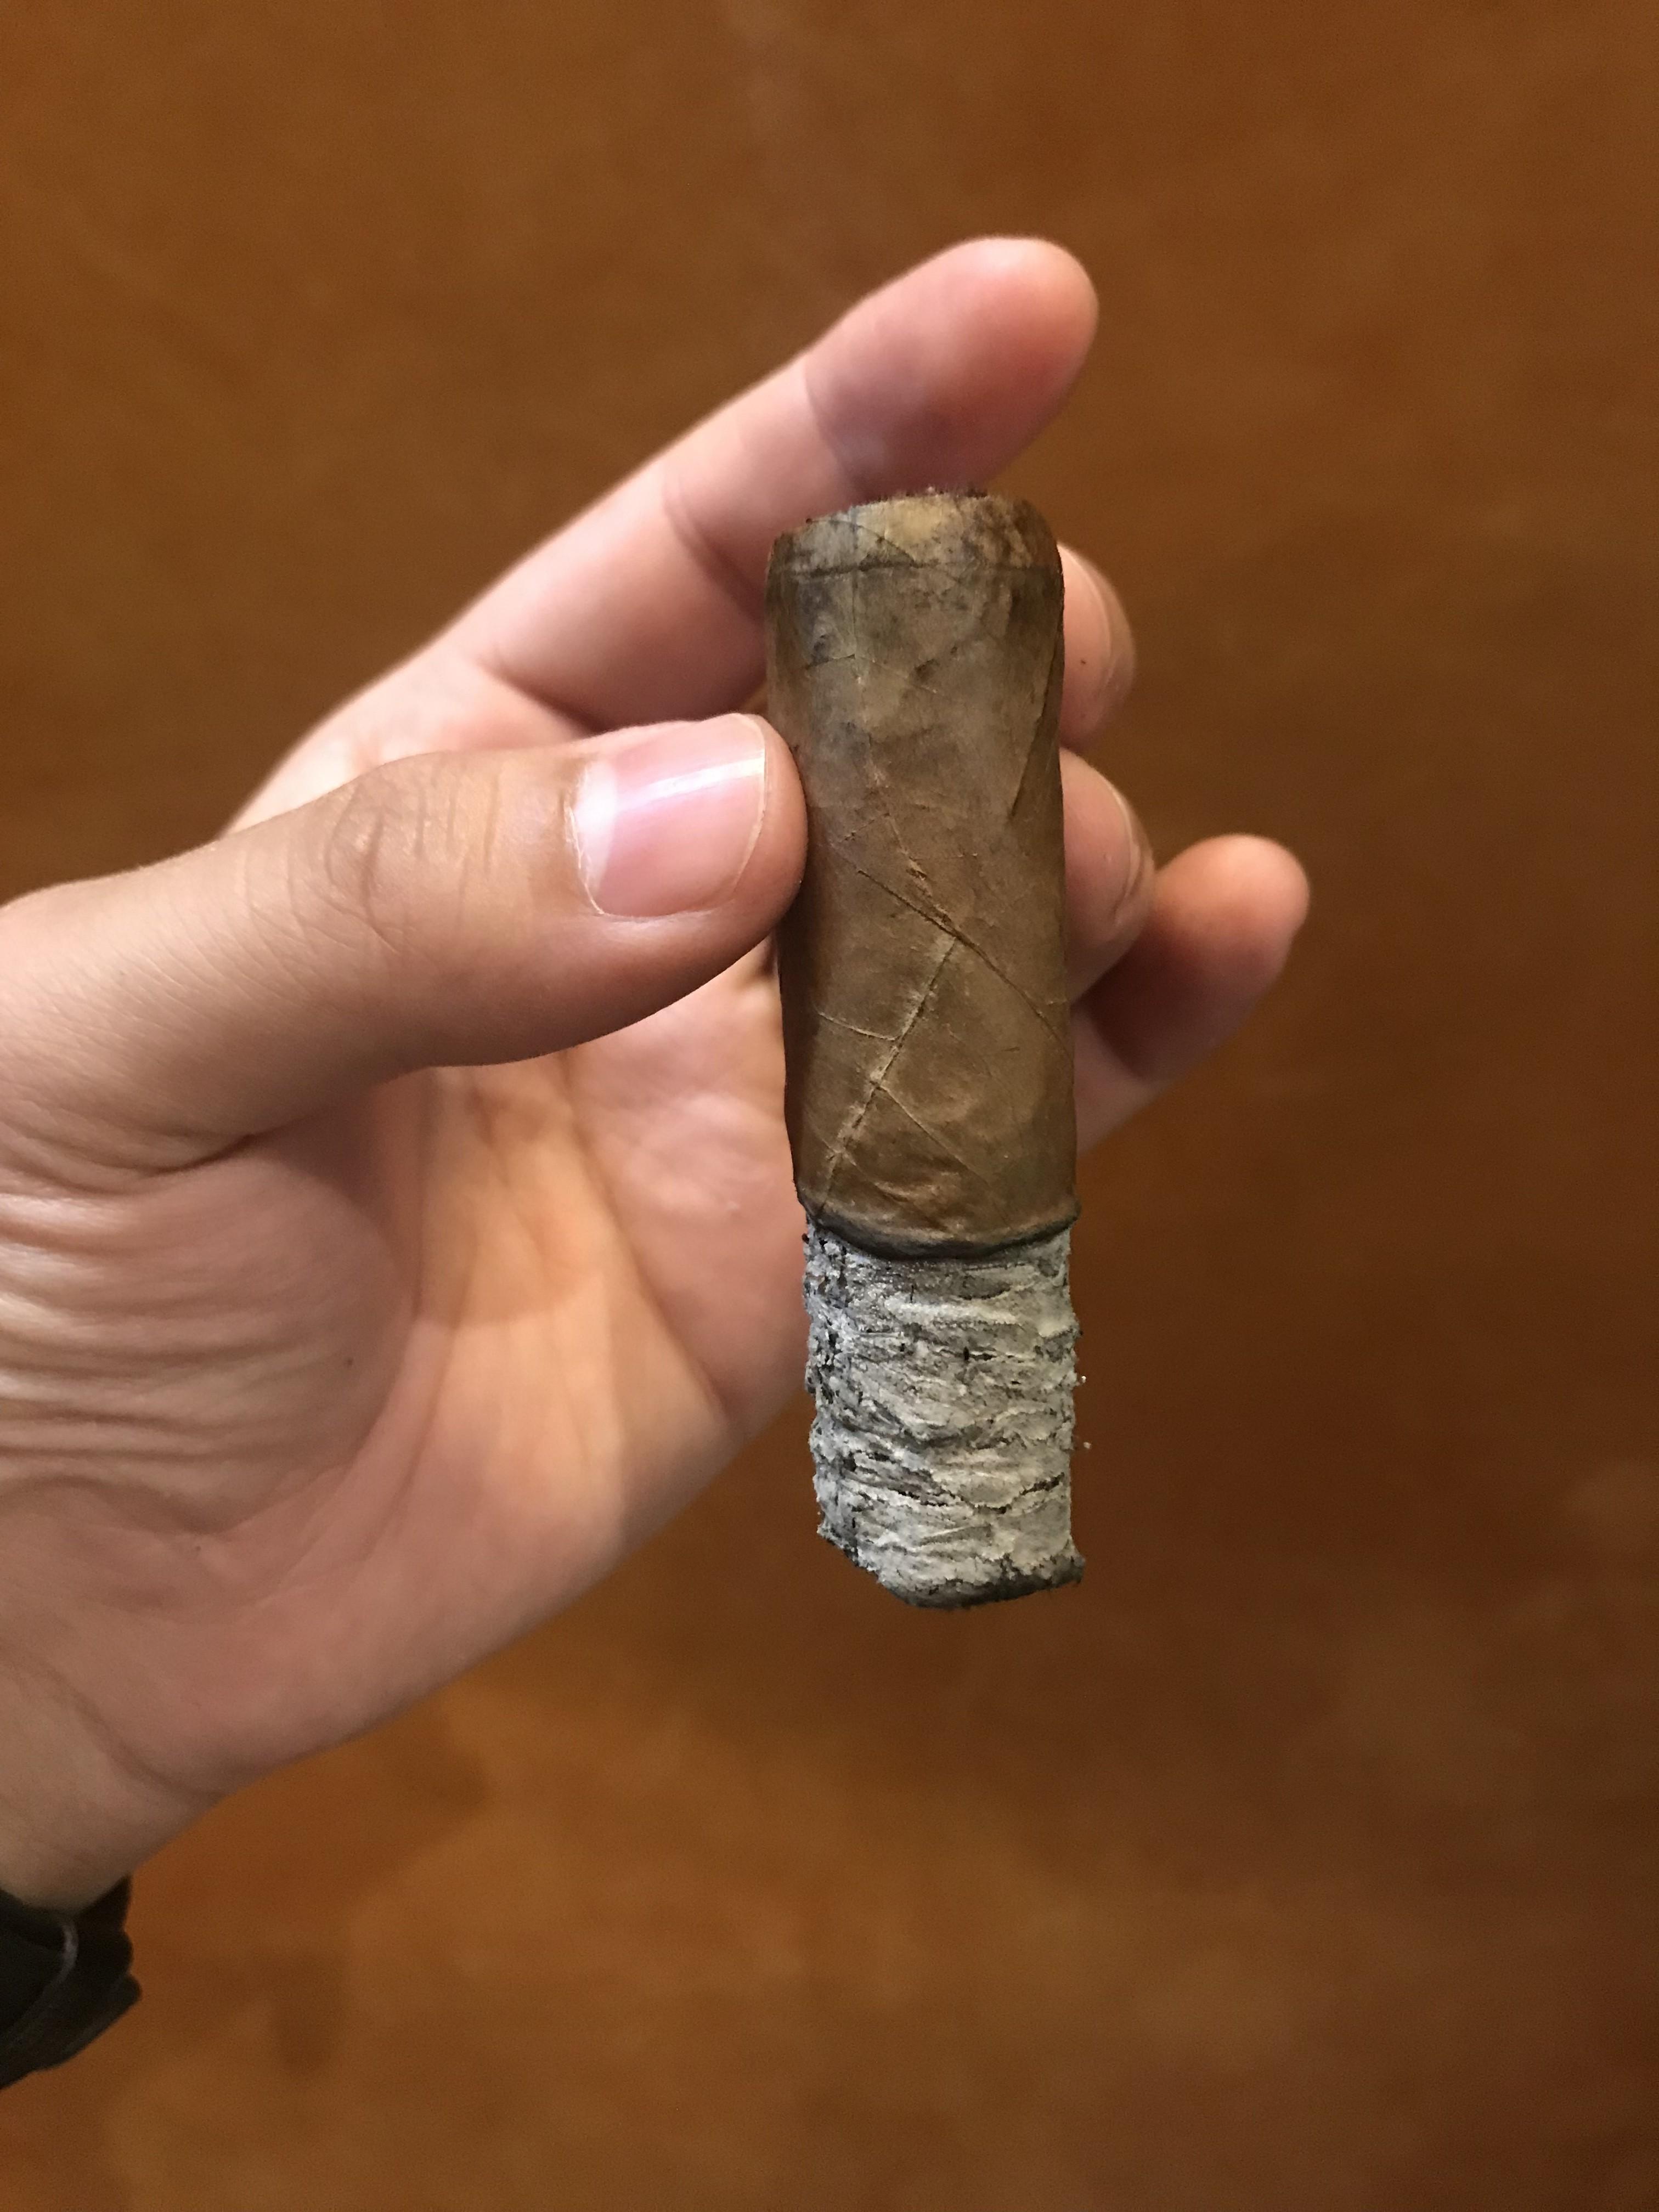 montecristo_open_master_szivarozas_a_szivarklubban_cigarmonkeys_com_cigar_life_4.jpeg